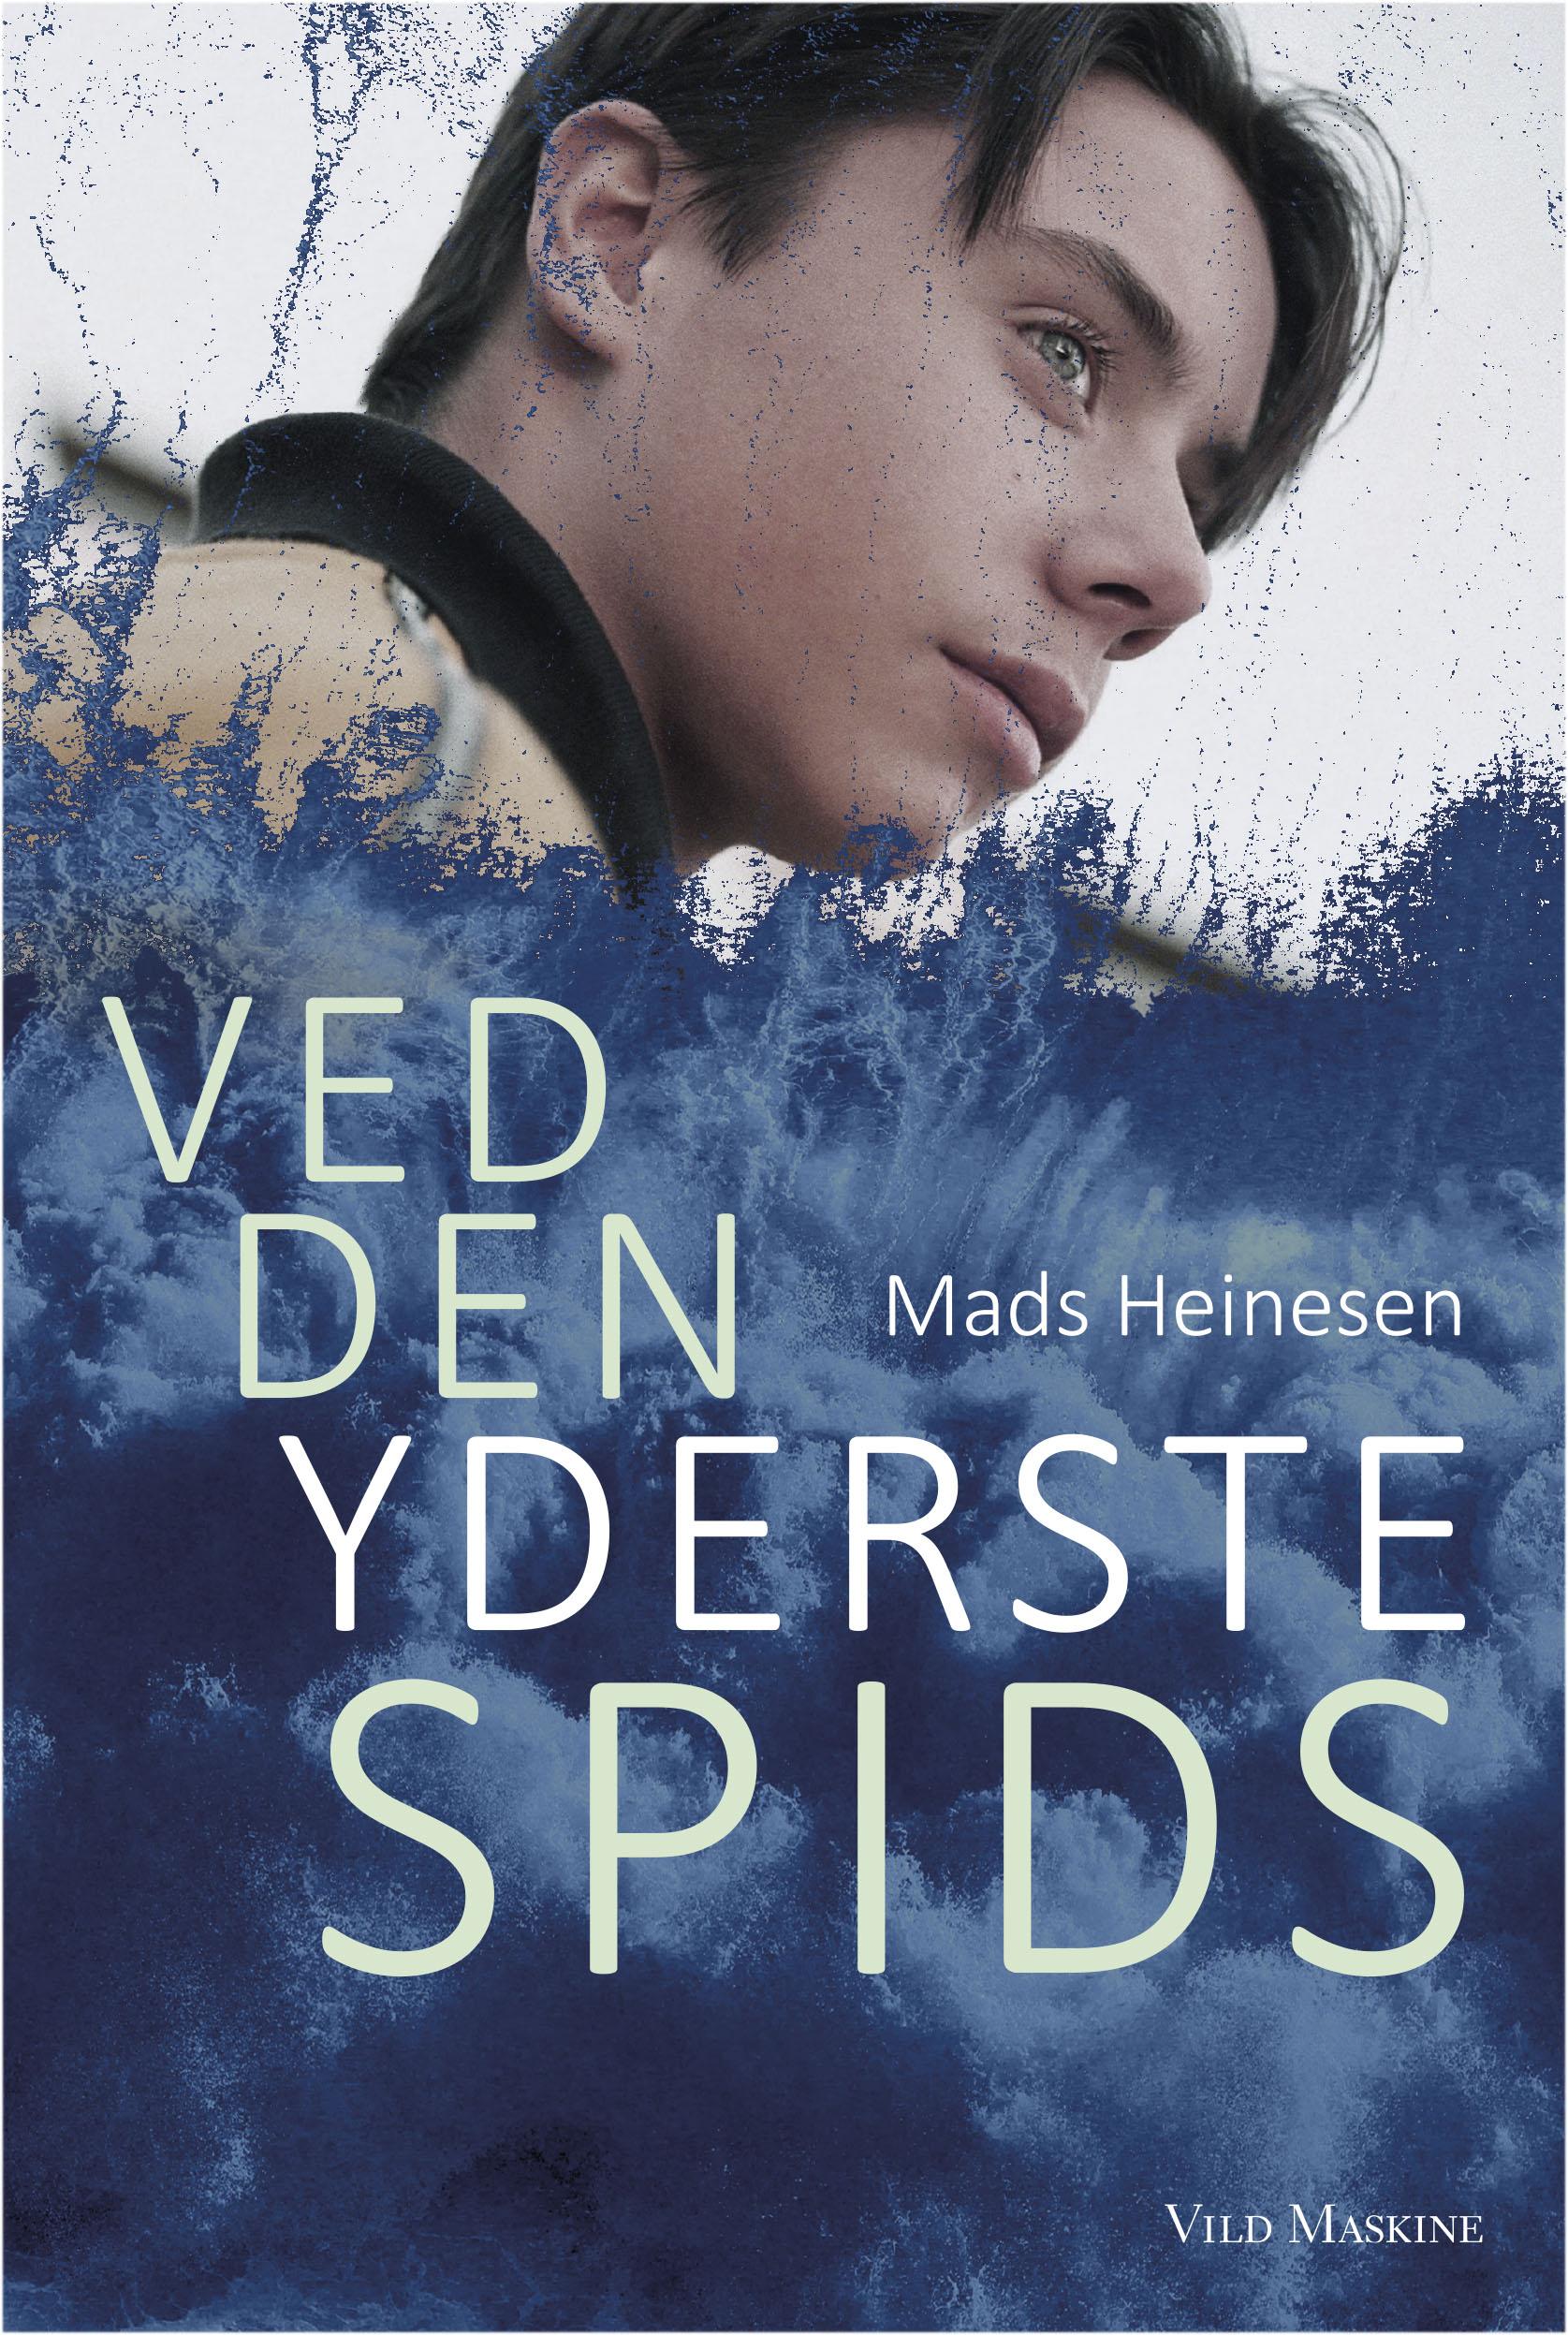 Ved den yderste spids af Mads Heinesen, udkom 21. januar 2018. Omslag lavet af forfatteren.